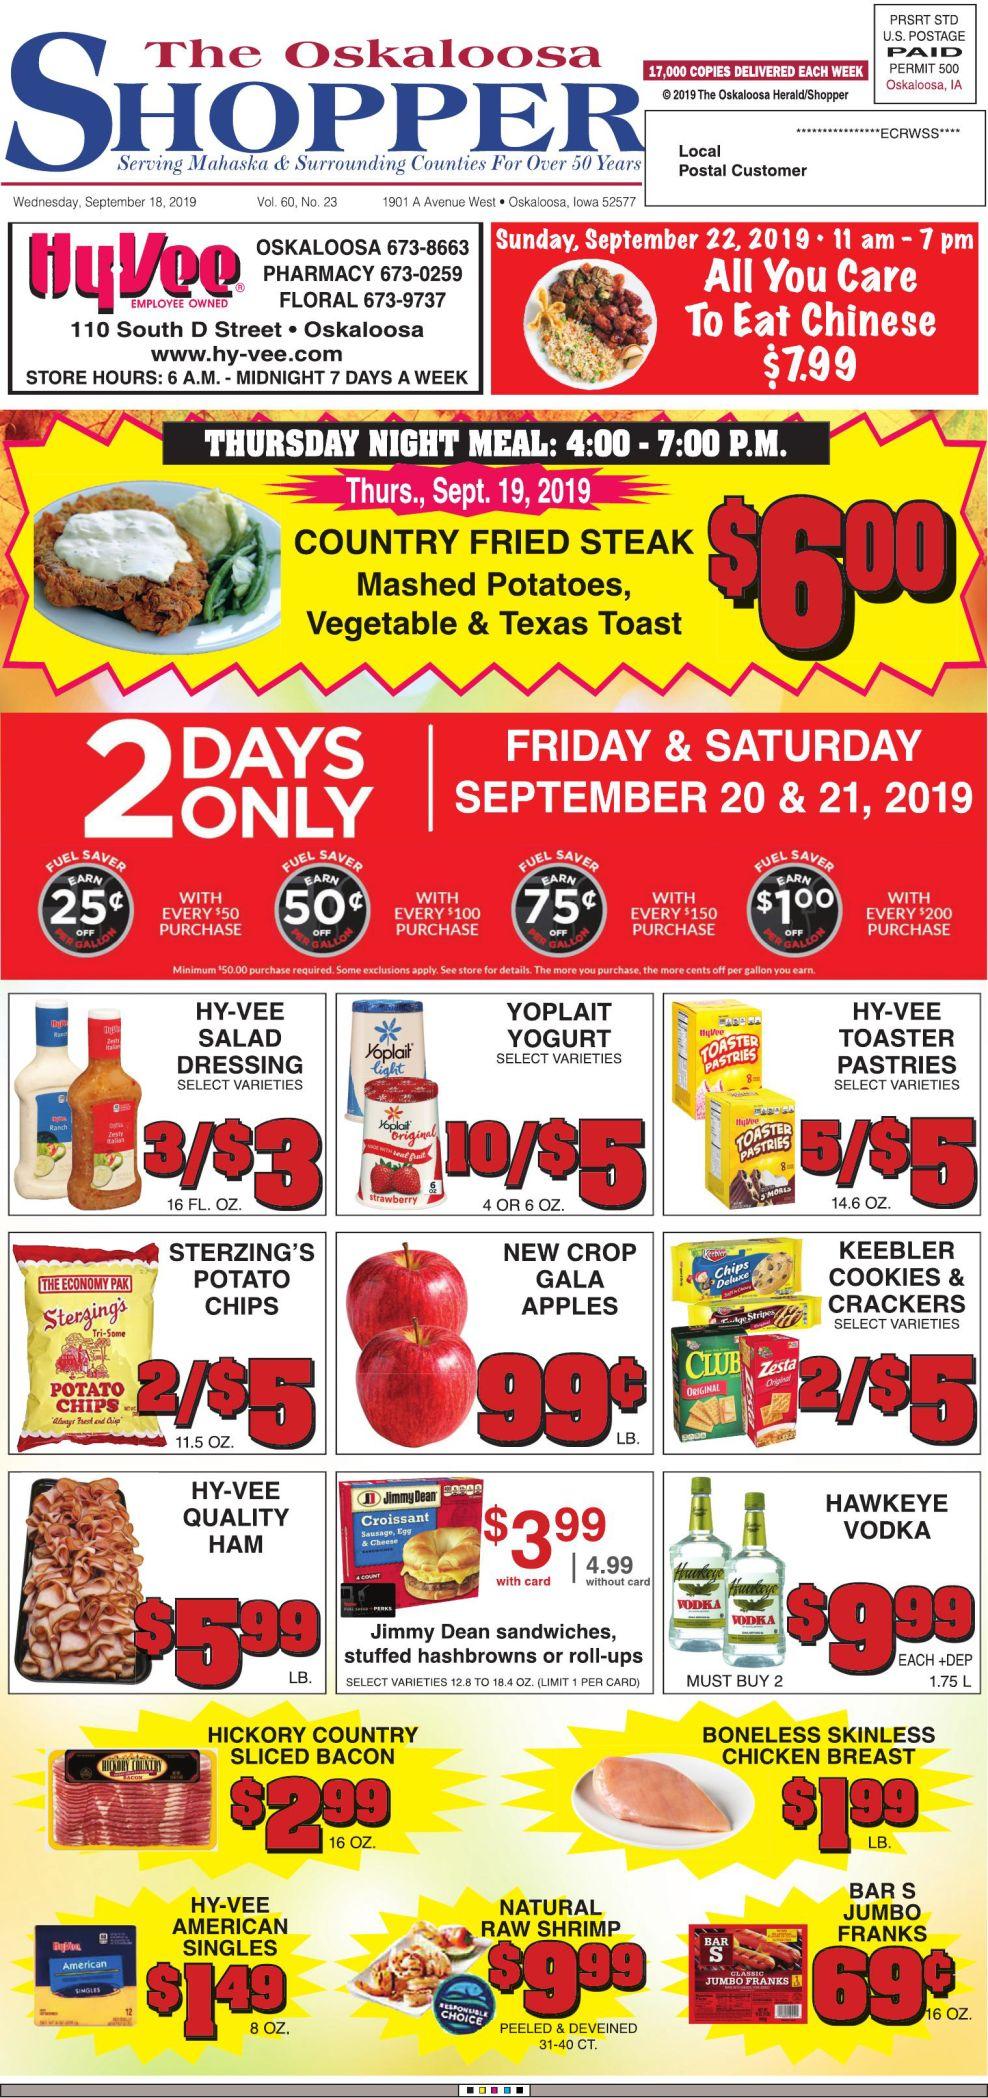 Oskaloosa Shopper week of 9/18/19